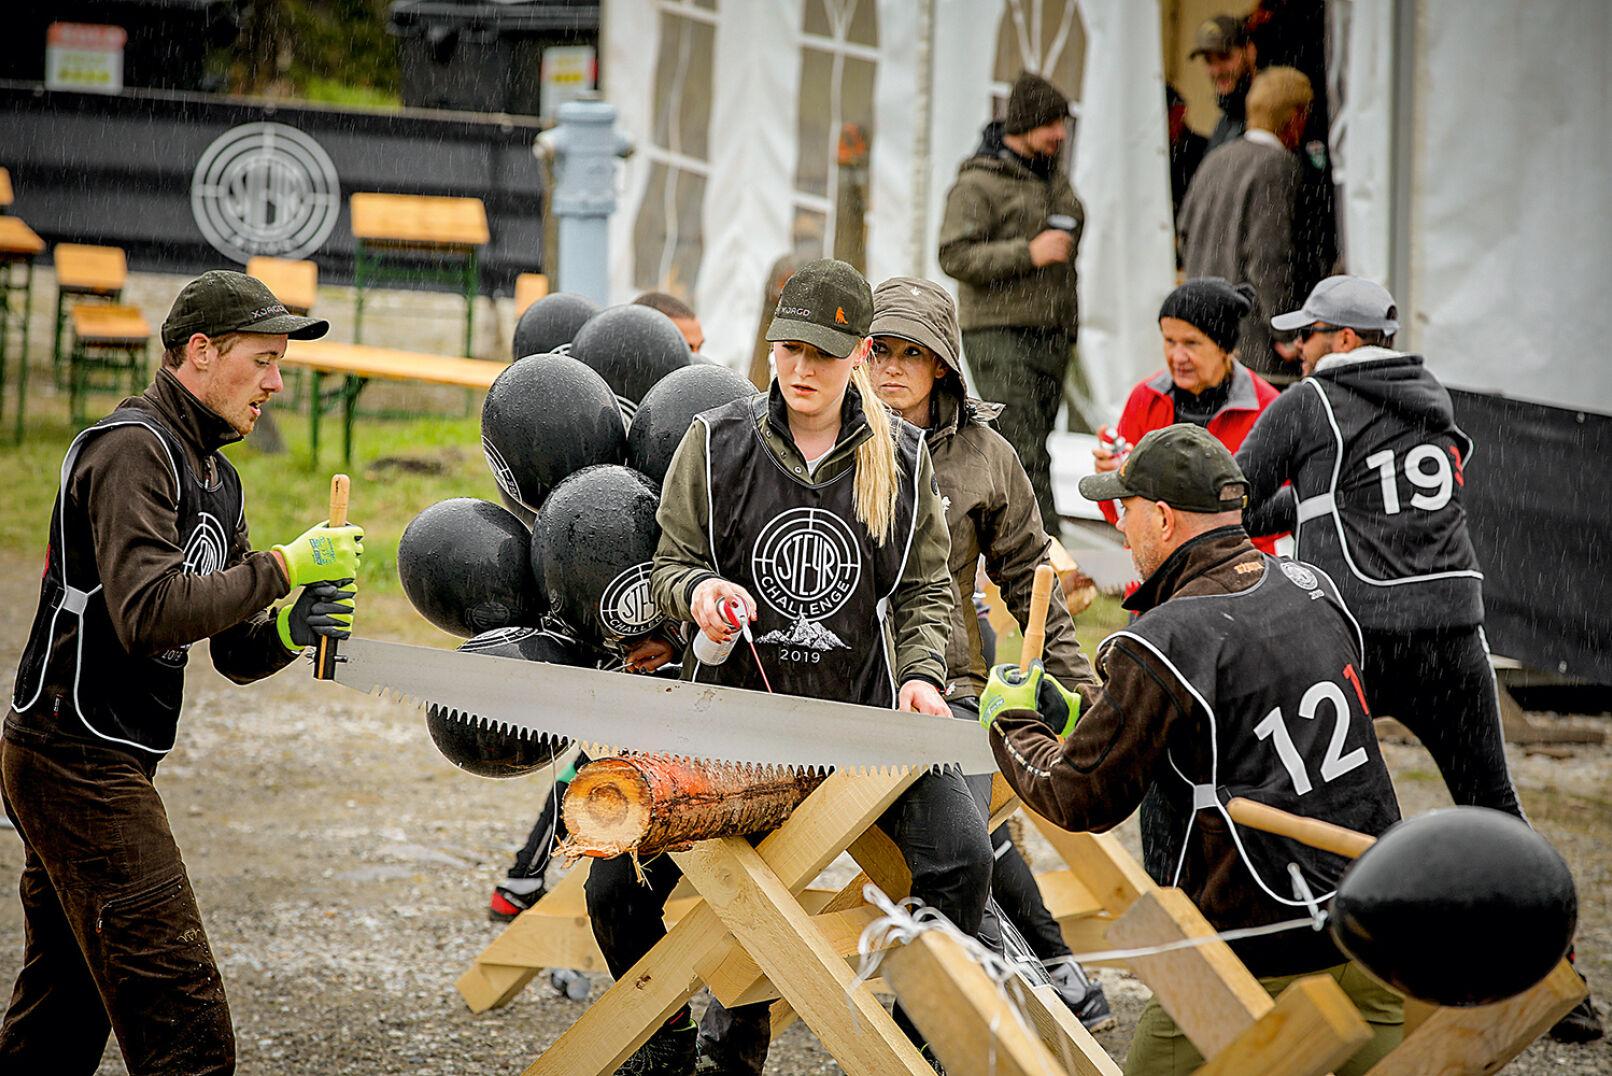 Letzte Challenge vor dem Ziel: Für jeden Fehlschuss muss eine Baumscheibe abgesägt werden. - © Peter Rigaud